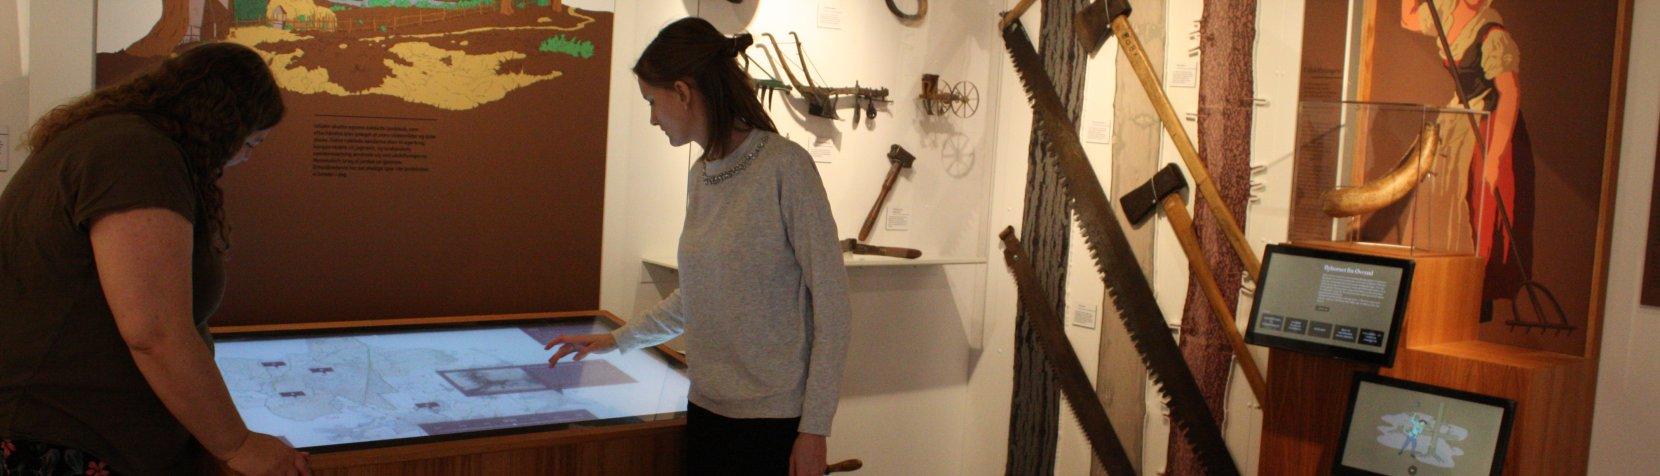 Den permanente udstilling på Mothsgården